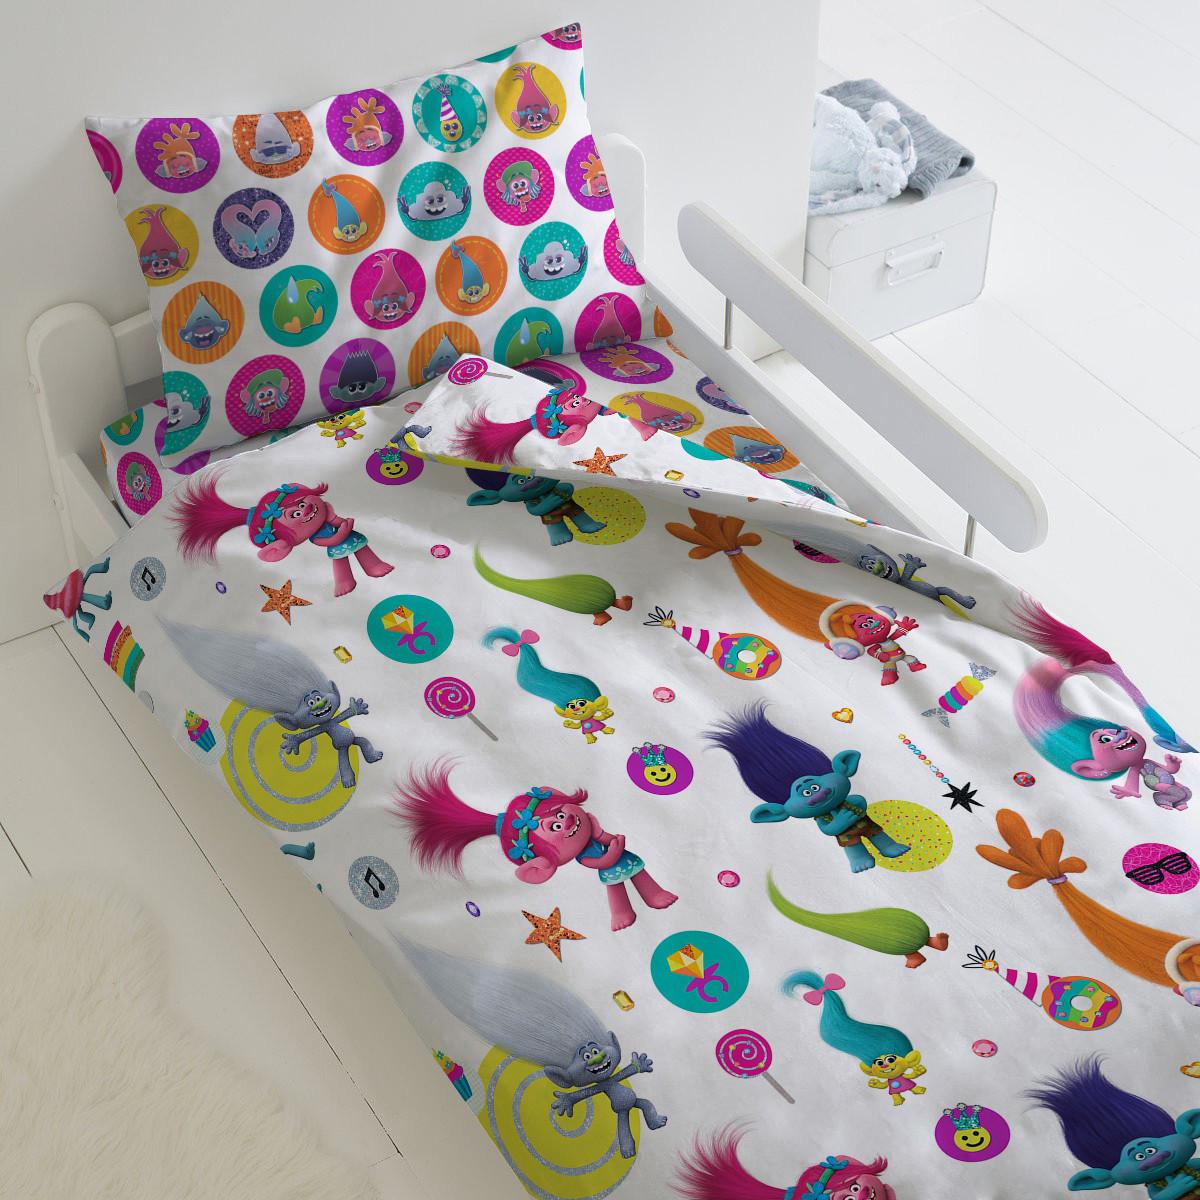 HOMY Комплект постельного белья Танцы, Trolls  HOMY  1.5 спальный